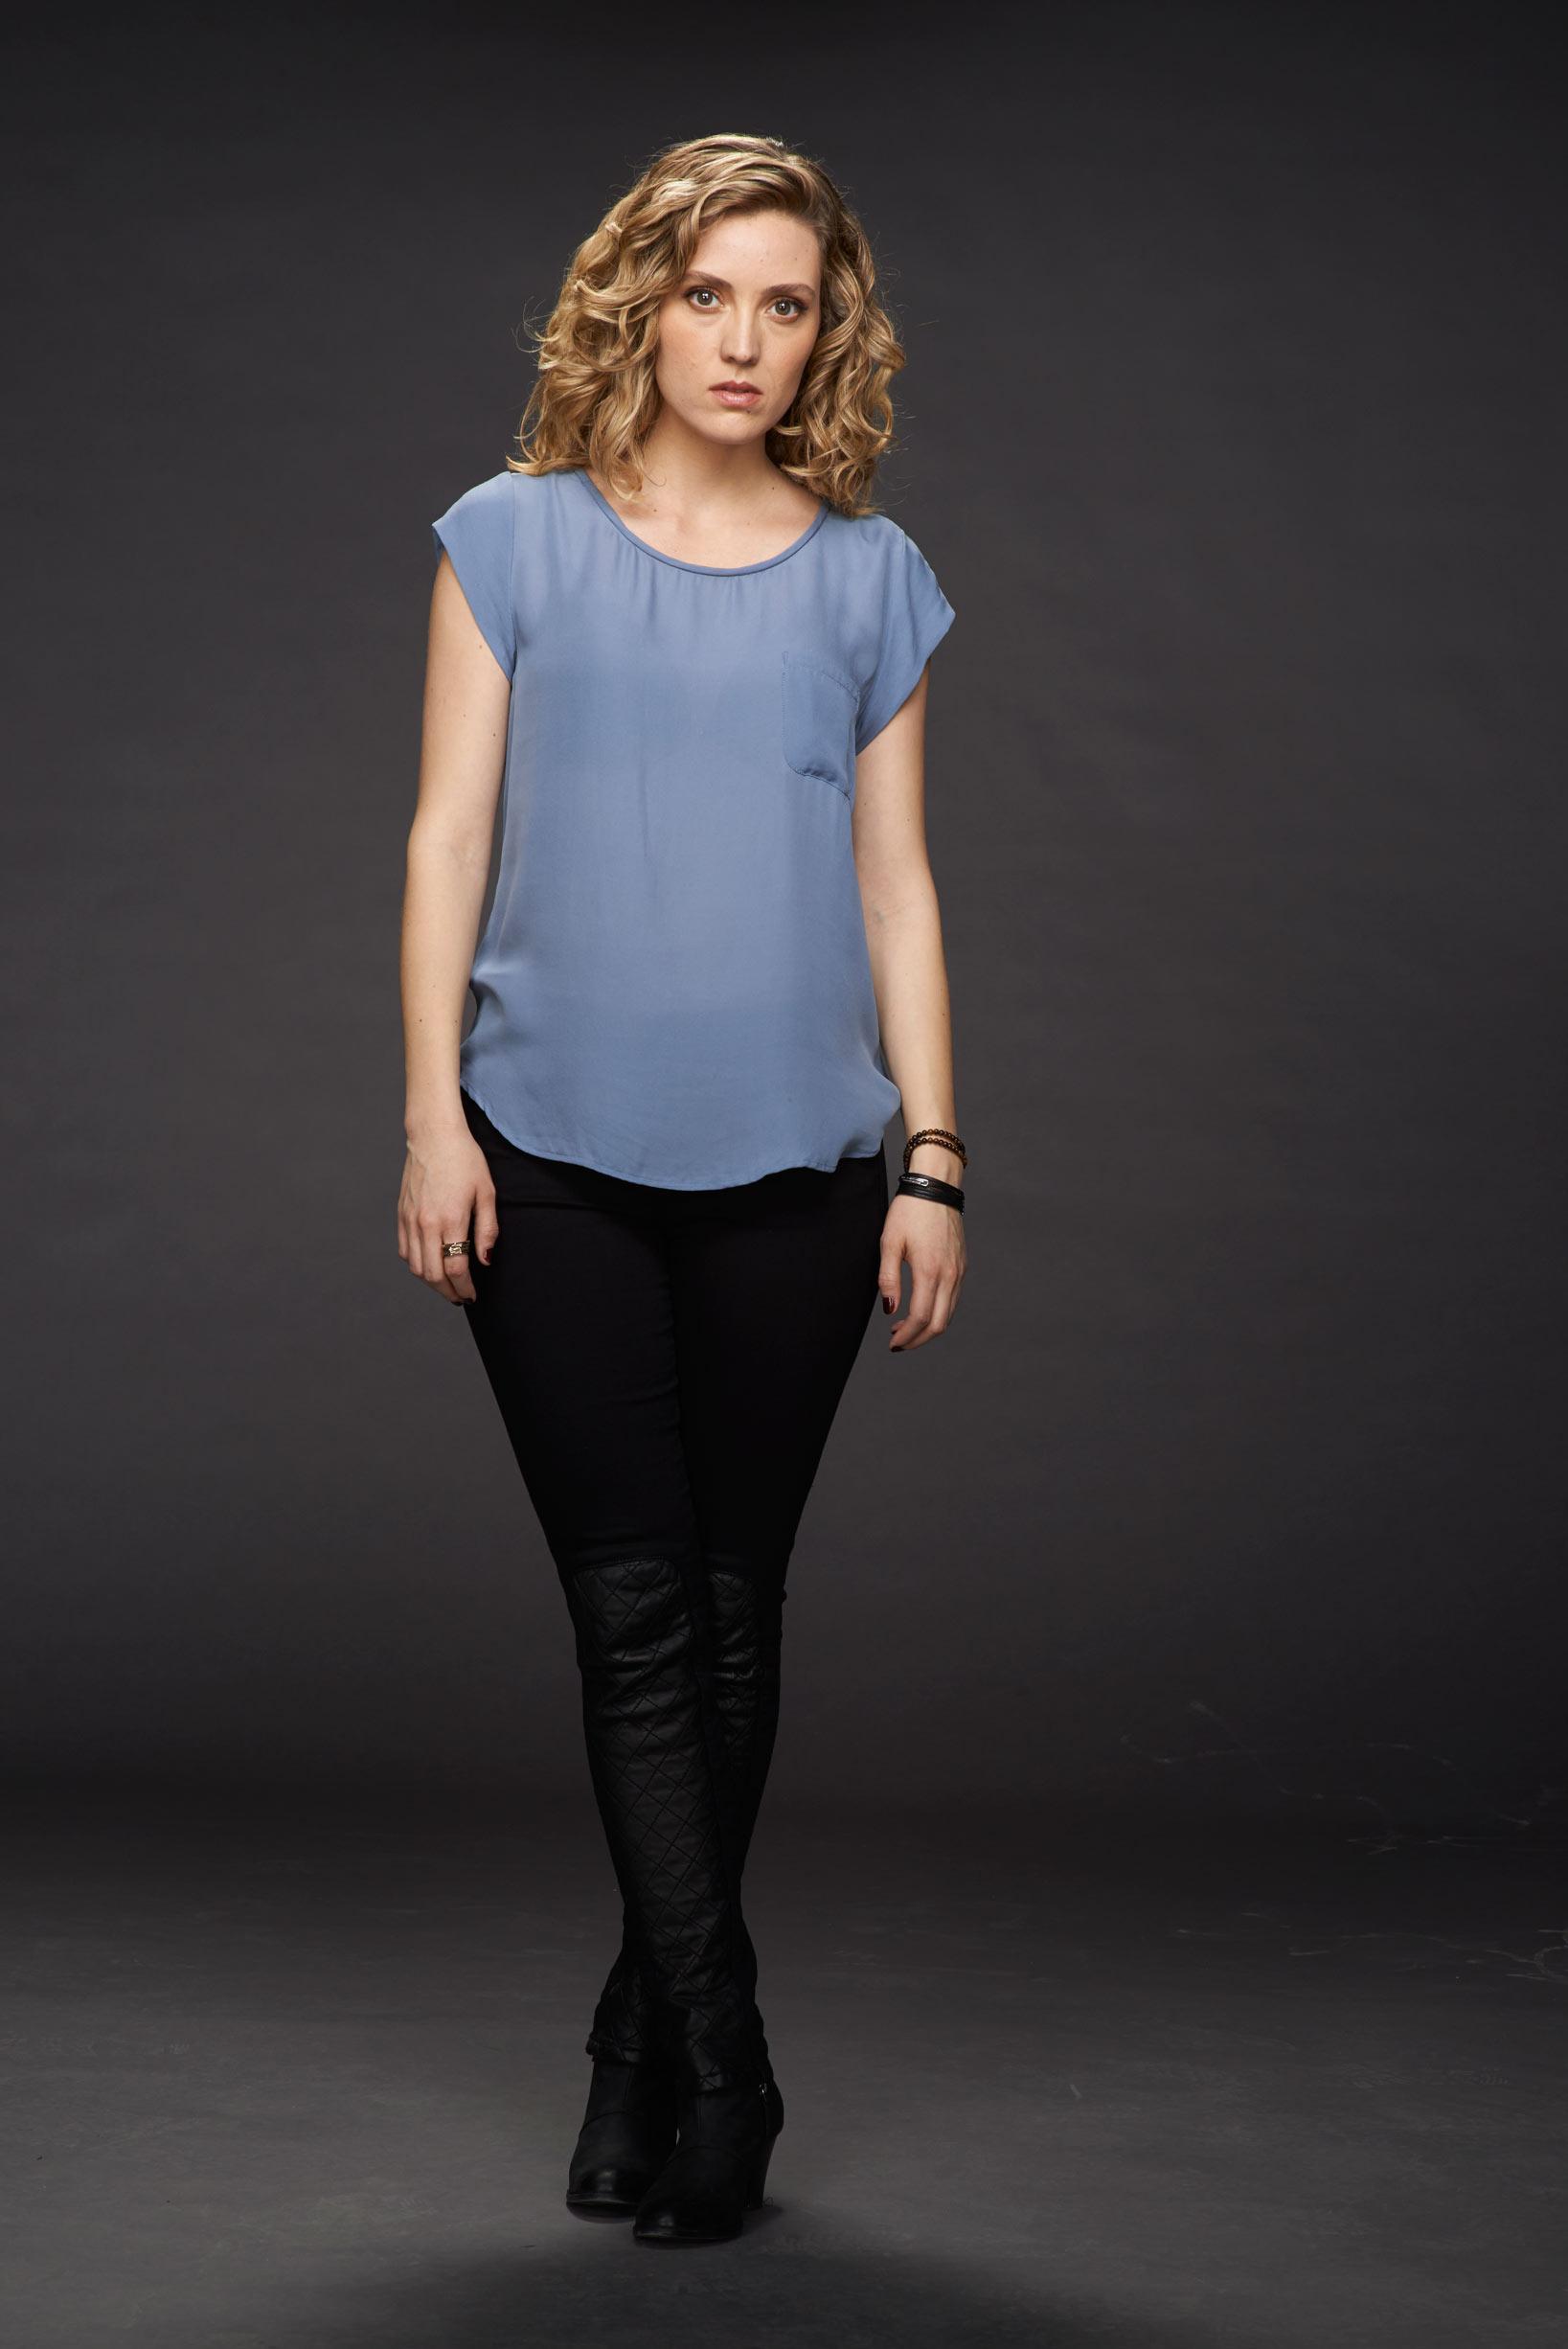 Delphine Cormier Season 2 Promotional Picture